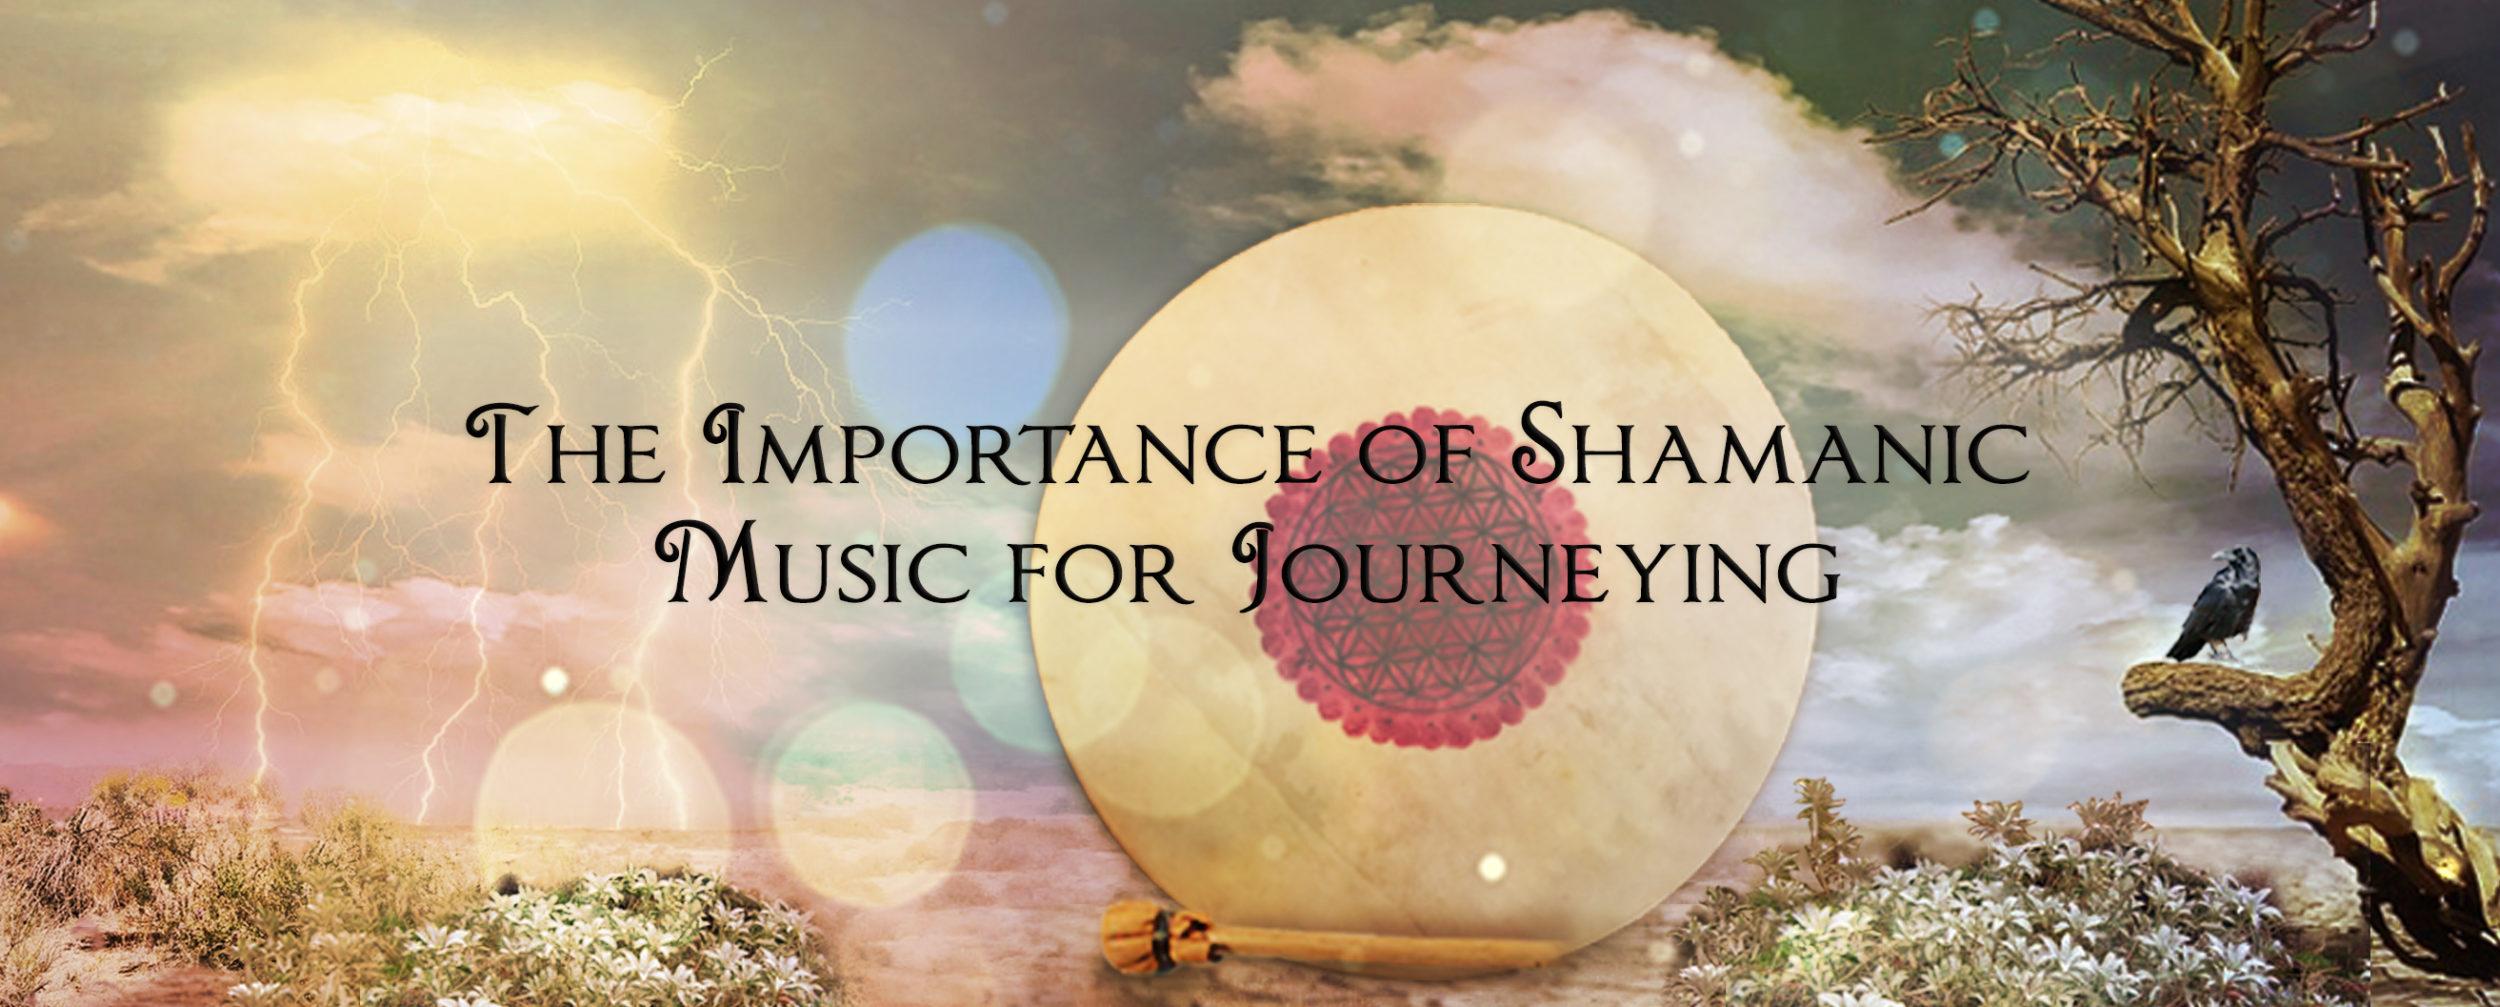 Shamanic-Journeying-Music